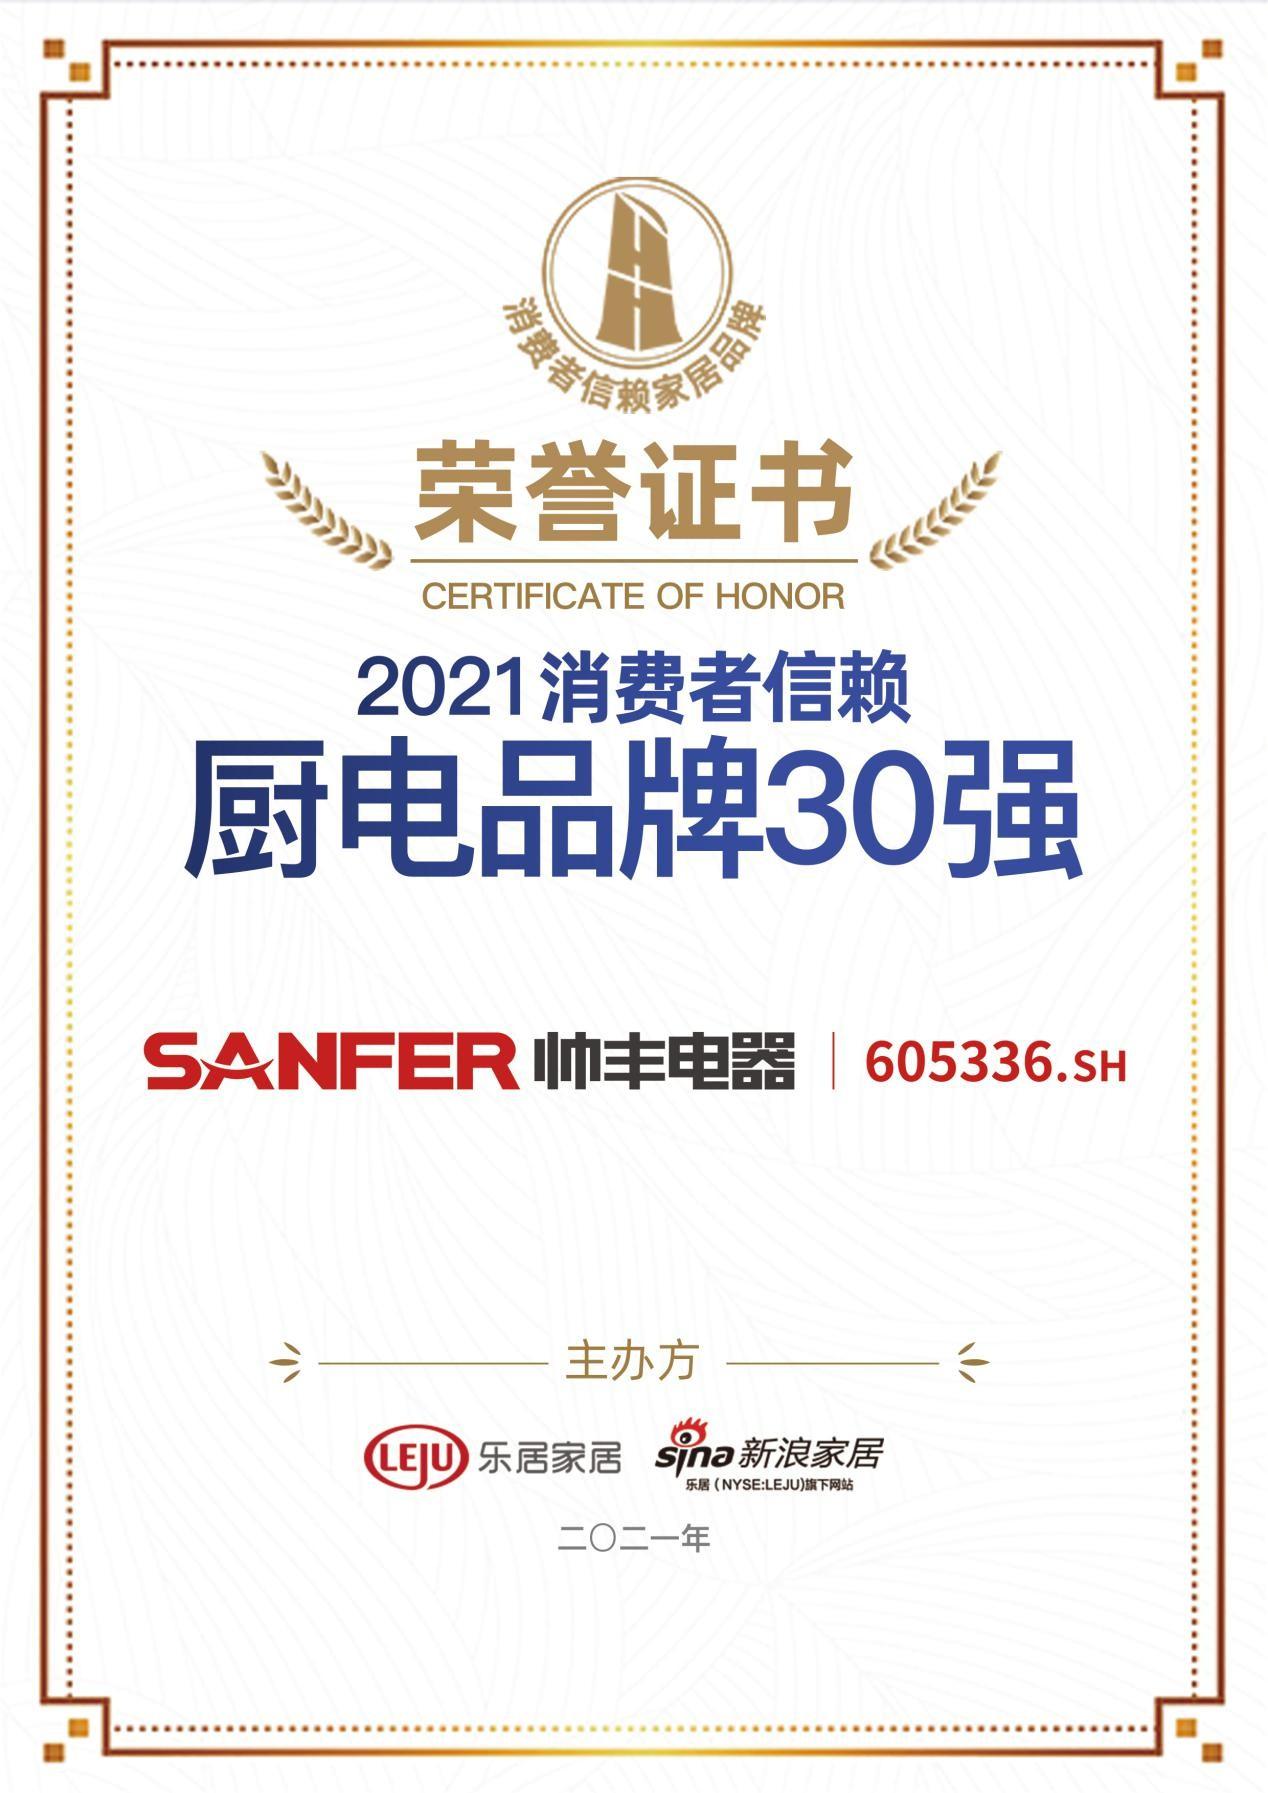 帅丰集成灶荣获2021消费者信赖厨电品牌30强-产业互联网